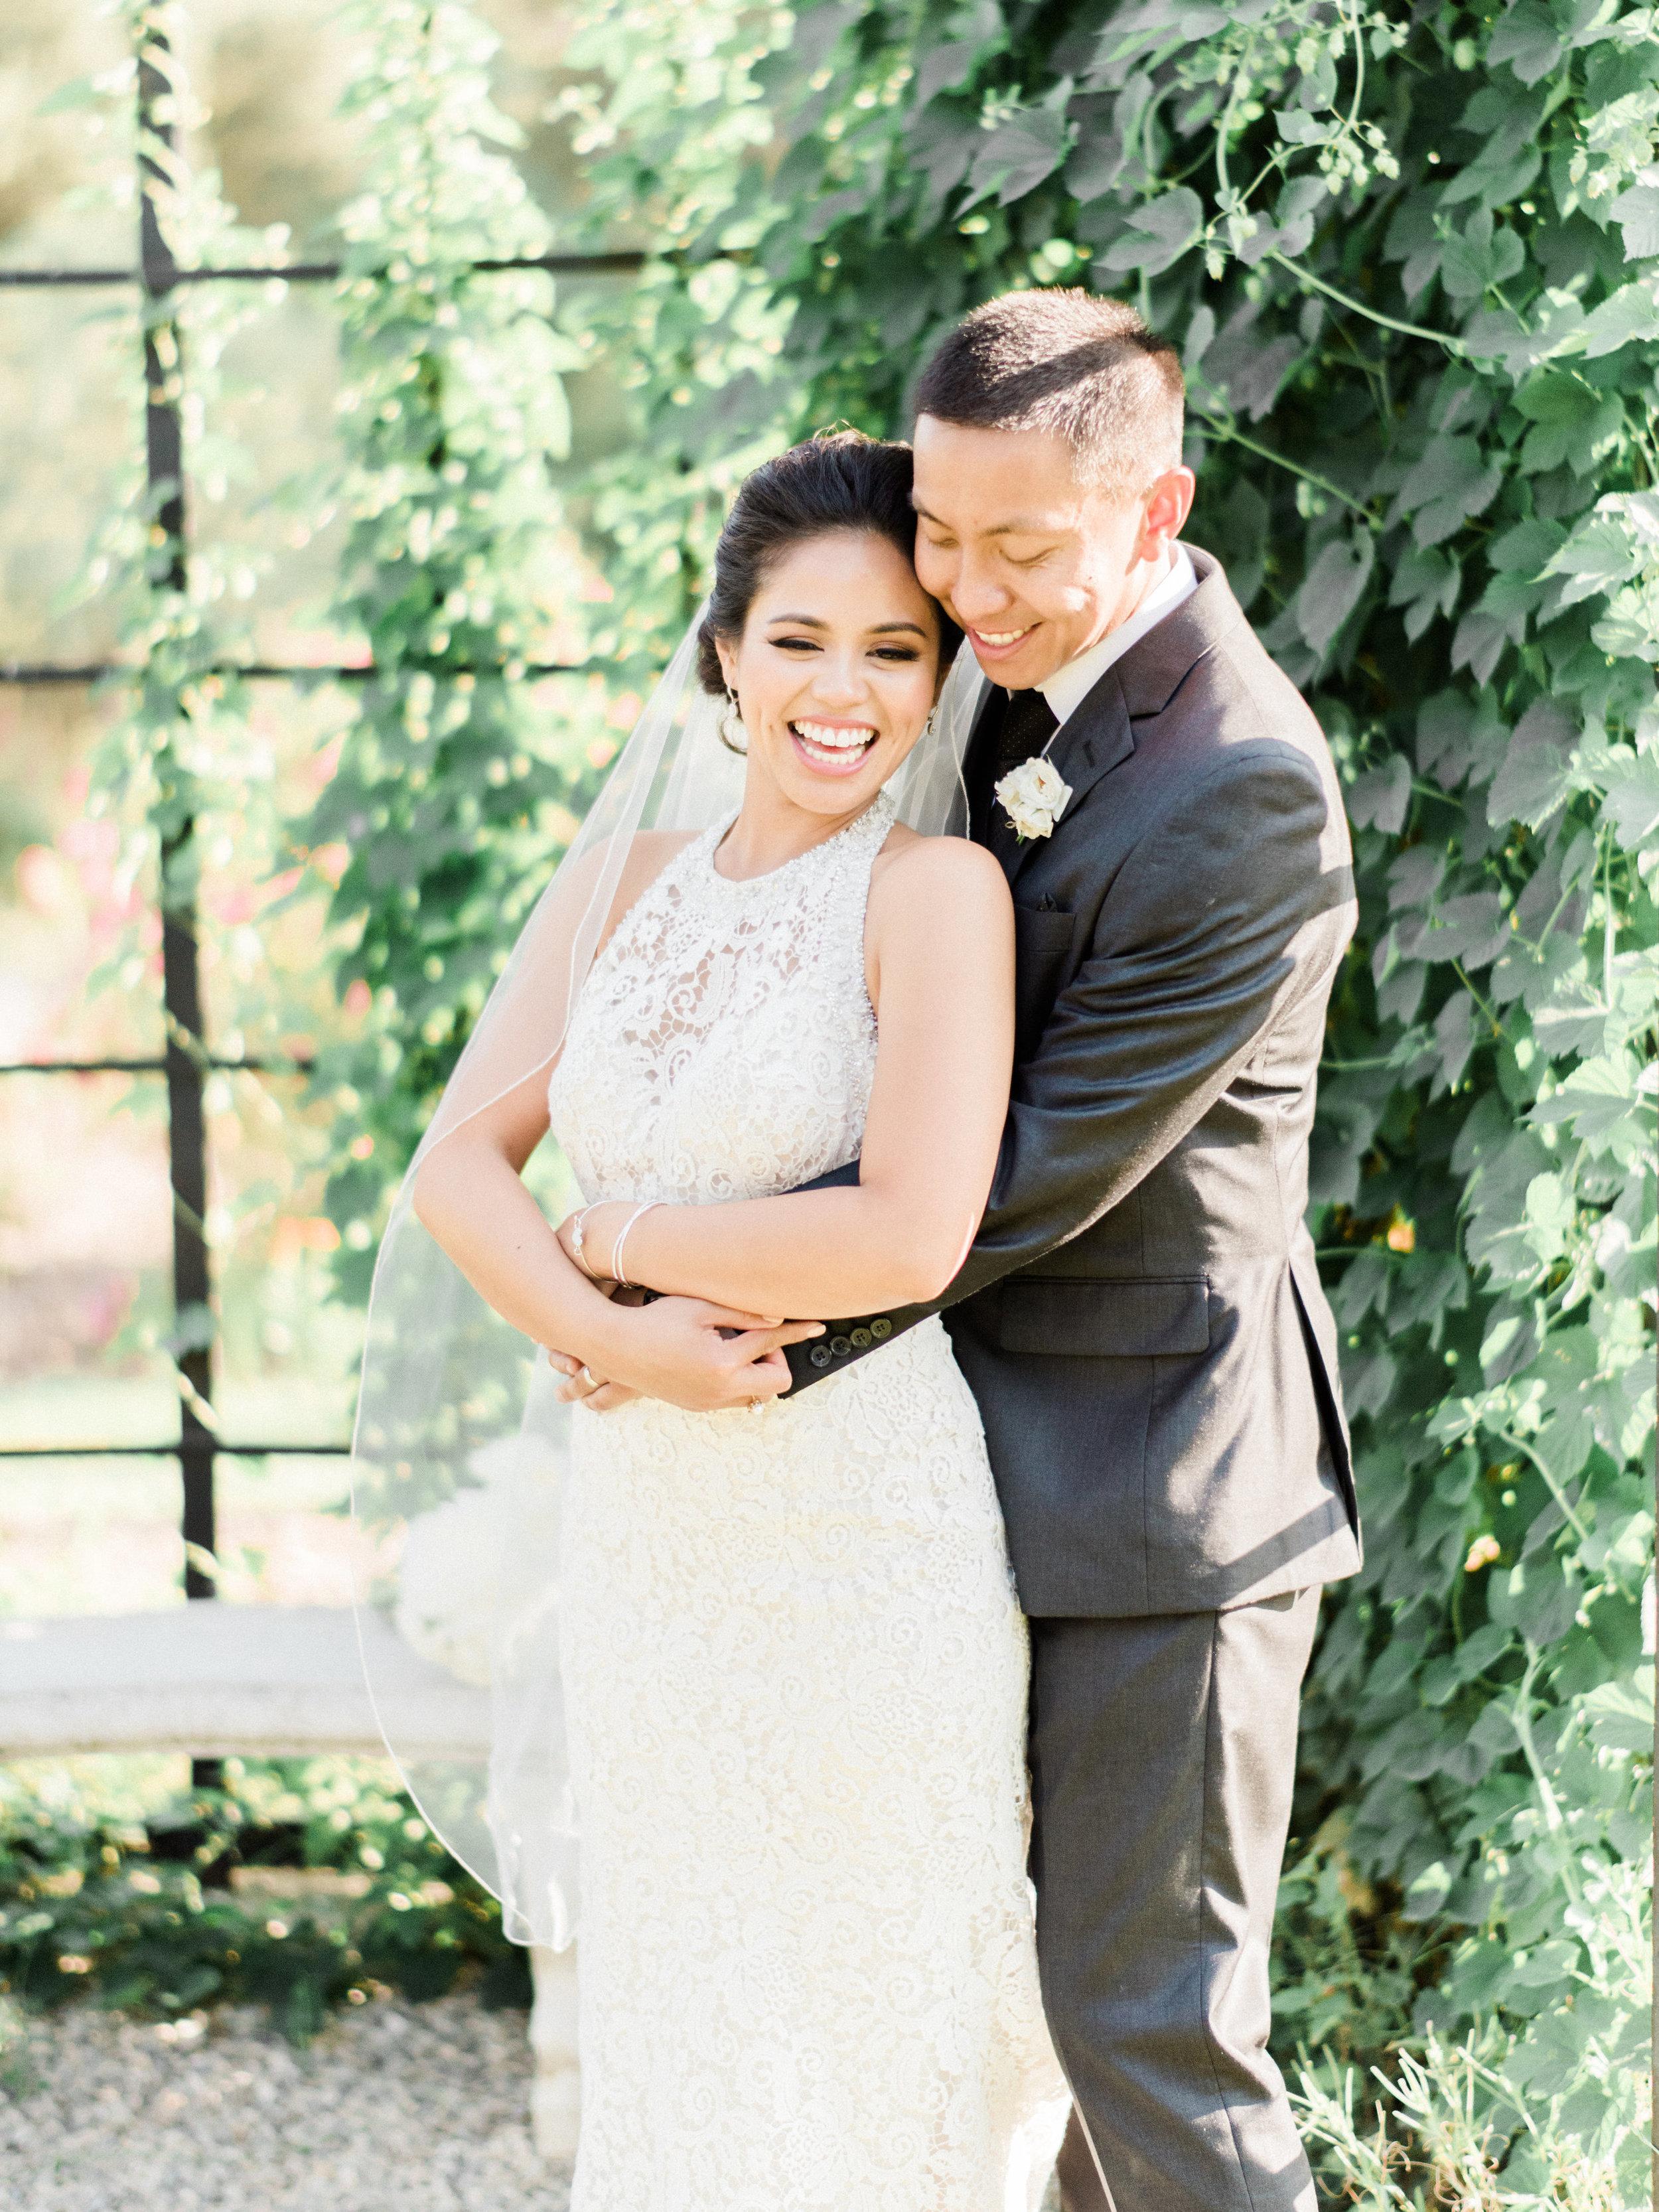 lilibethandjoey-wedding-632.jpg